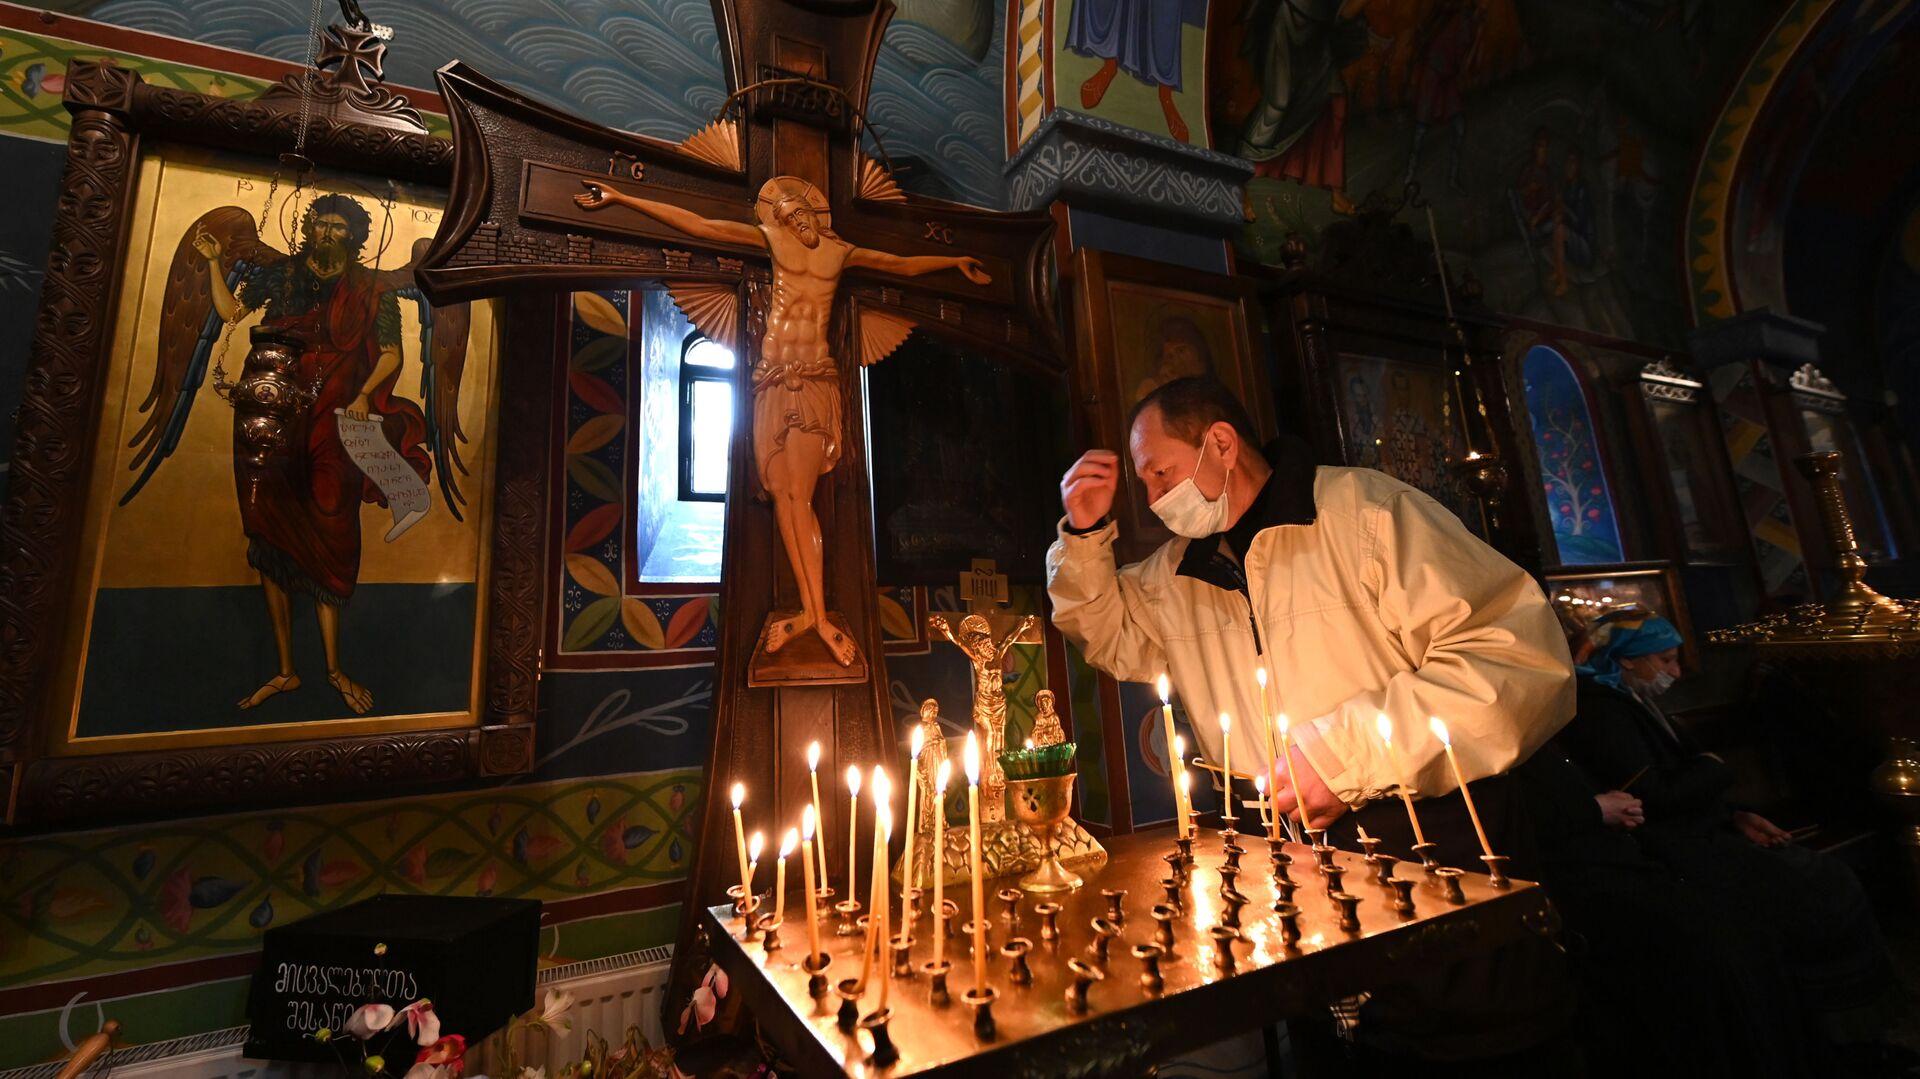 Православные верующие молятся в церкви на празднике Благовещения - Sputnik Грузия, 1920, 09.10.2021